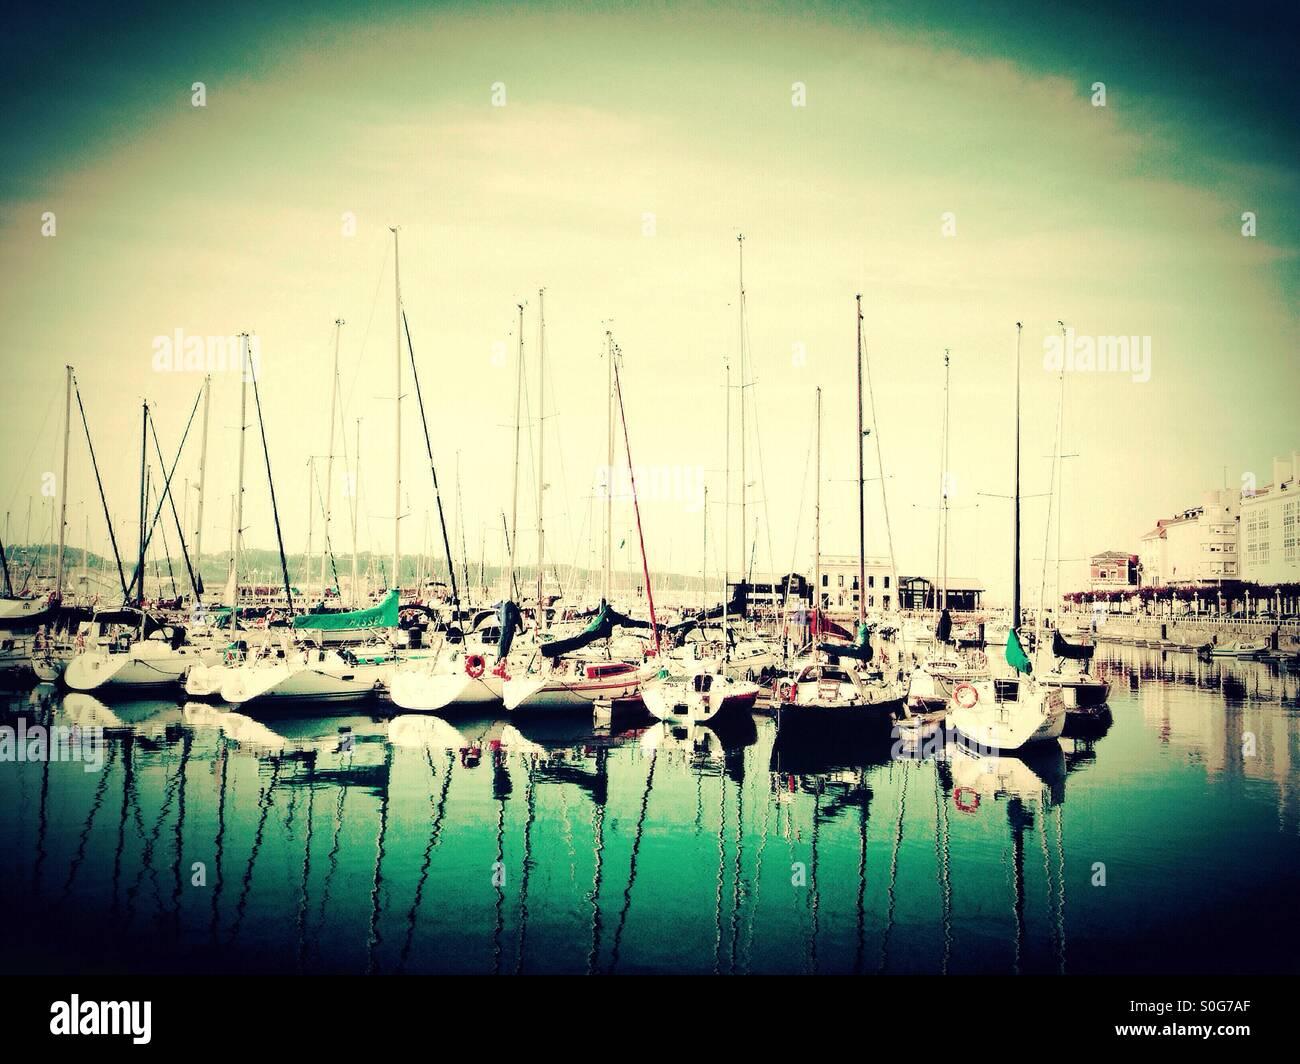 Harbor in Gijon, Asturias - Spain - Stock Image